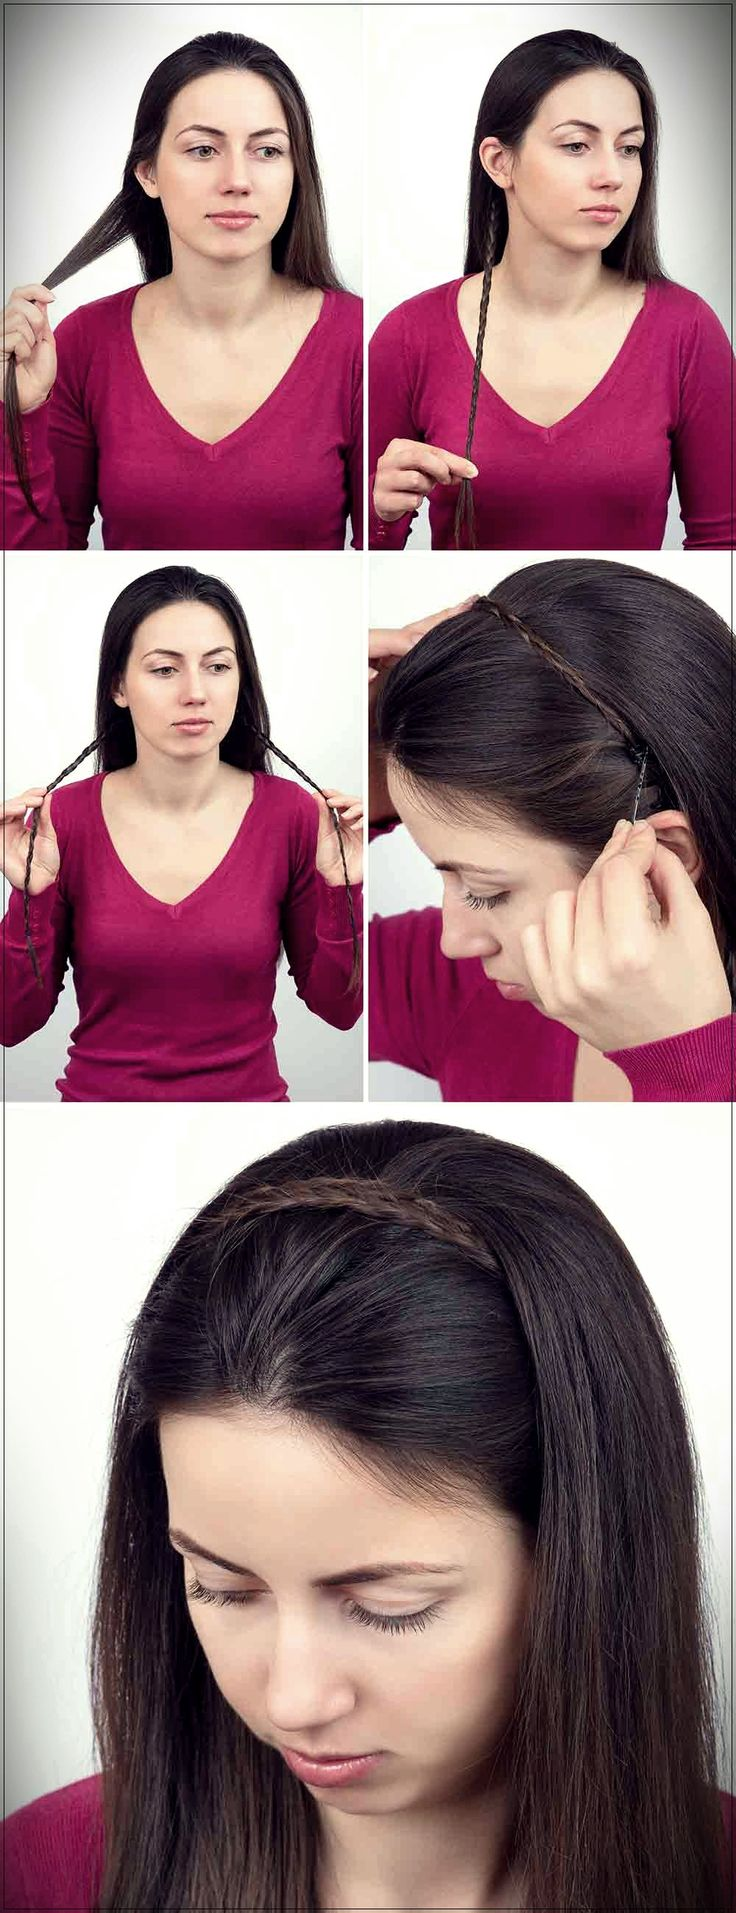 Frisuren mit Zöpfen: Fotos und einfache Tutorials!